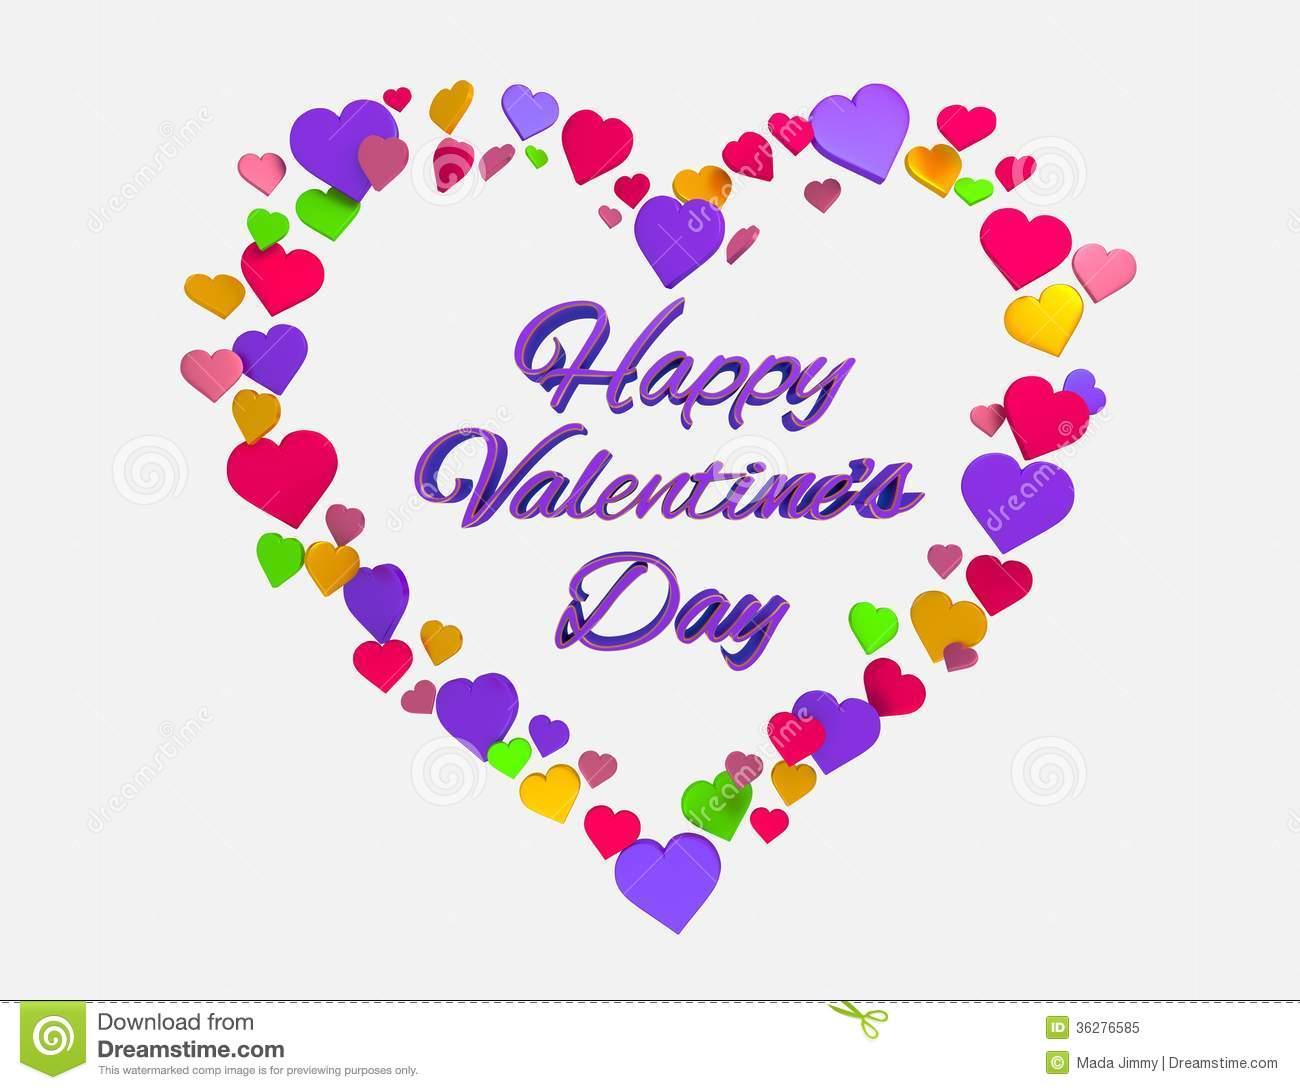 Love hearts happy clipart jpg royalty free library Love hearts happy clipart - ClipartFest jpg royalty free library